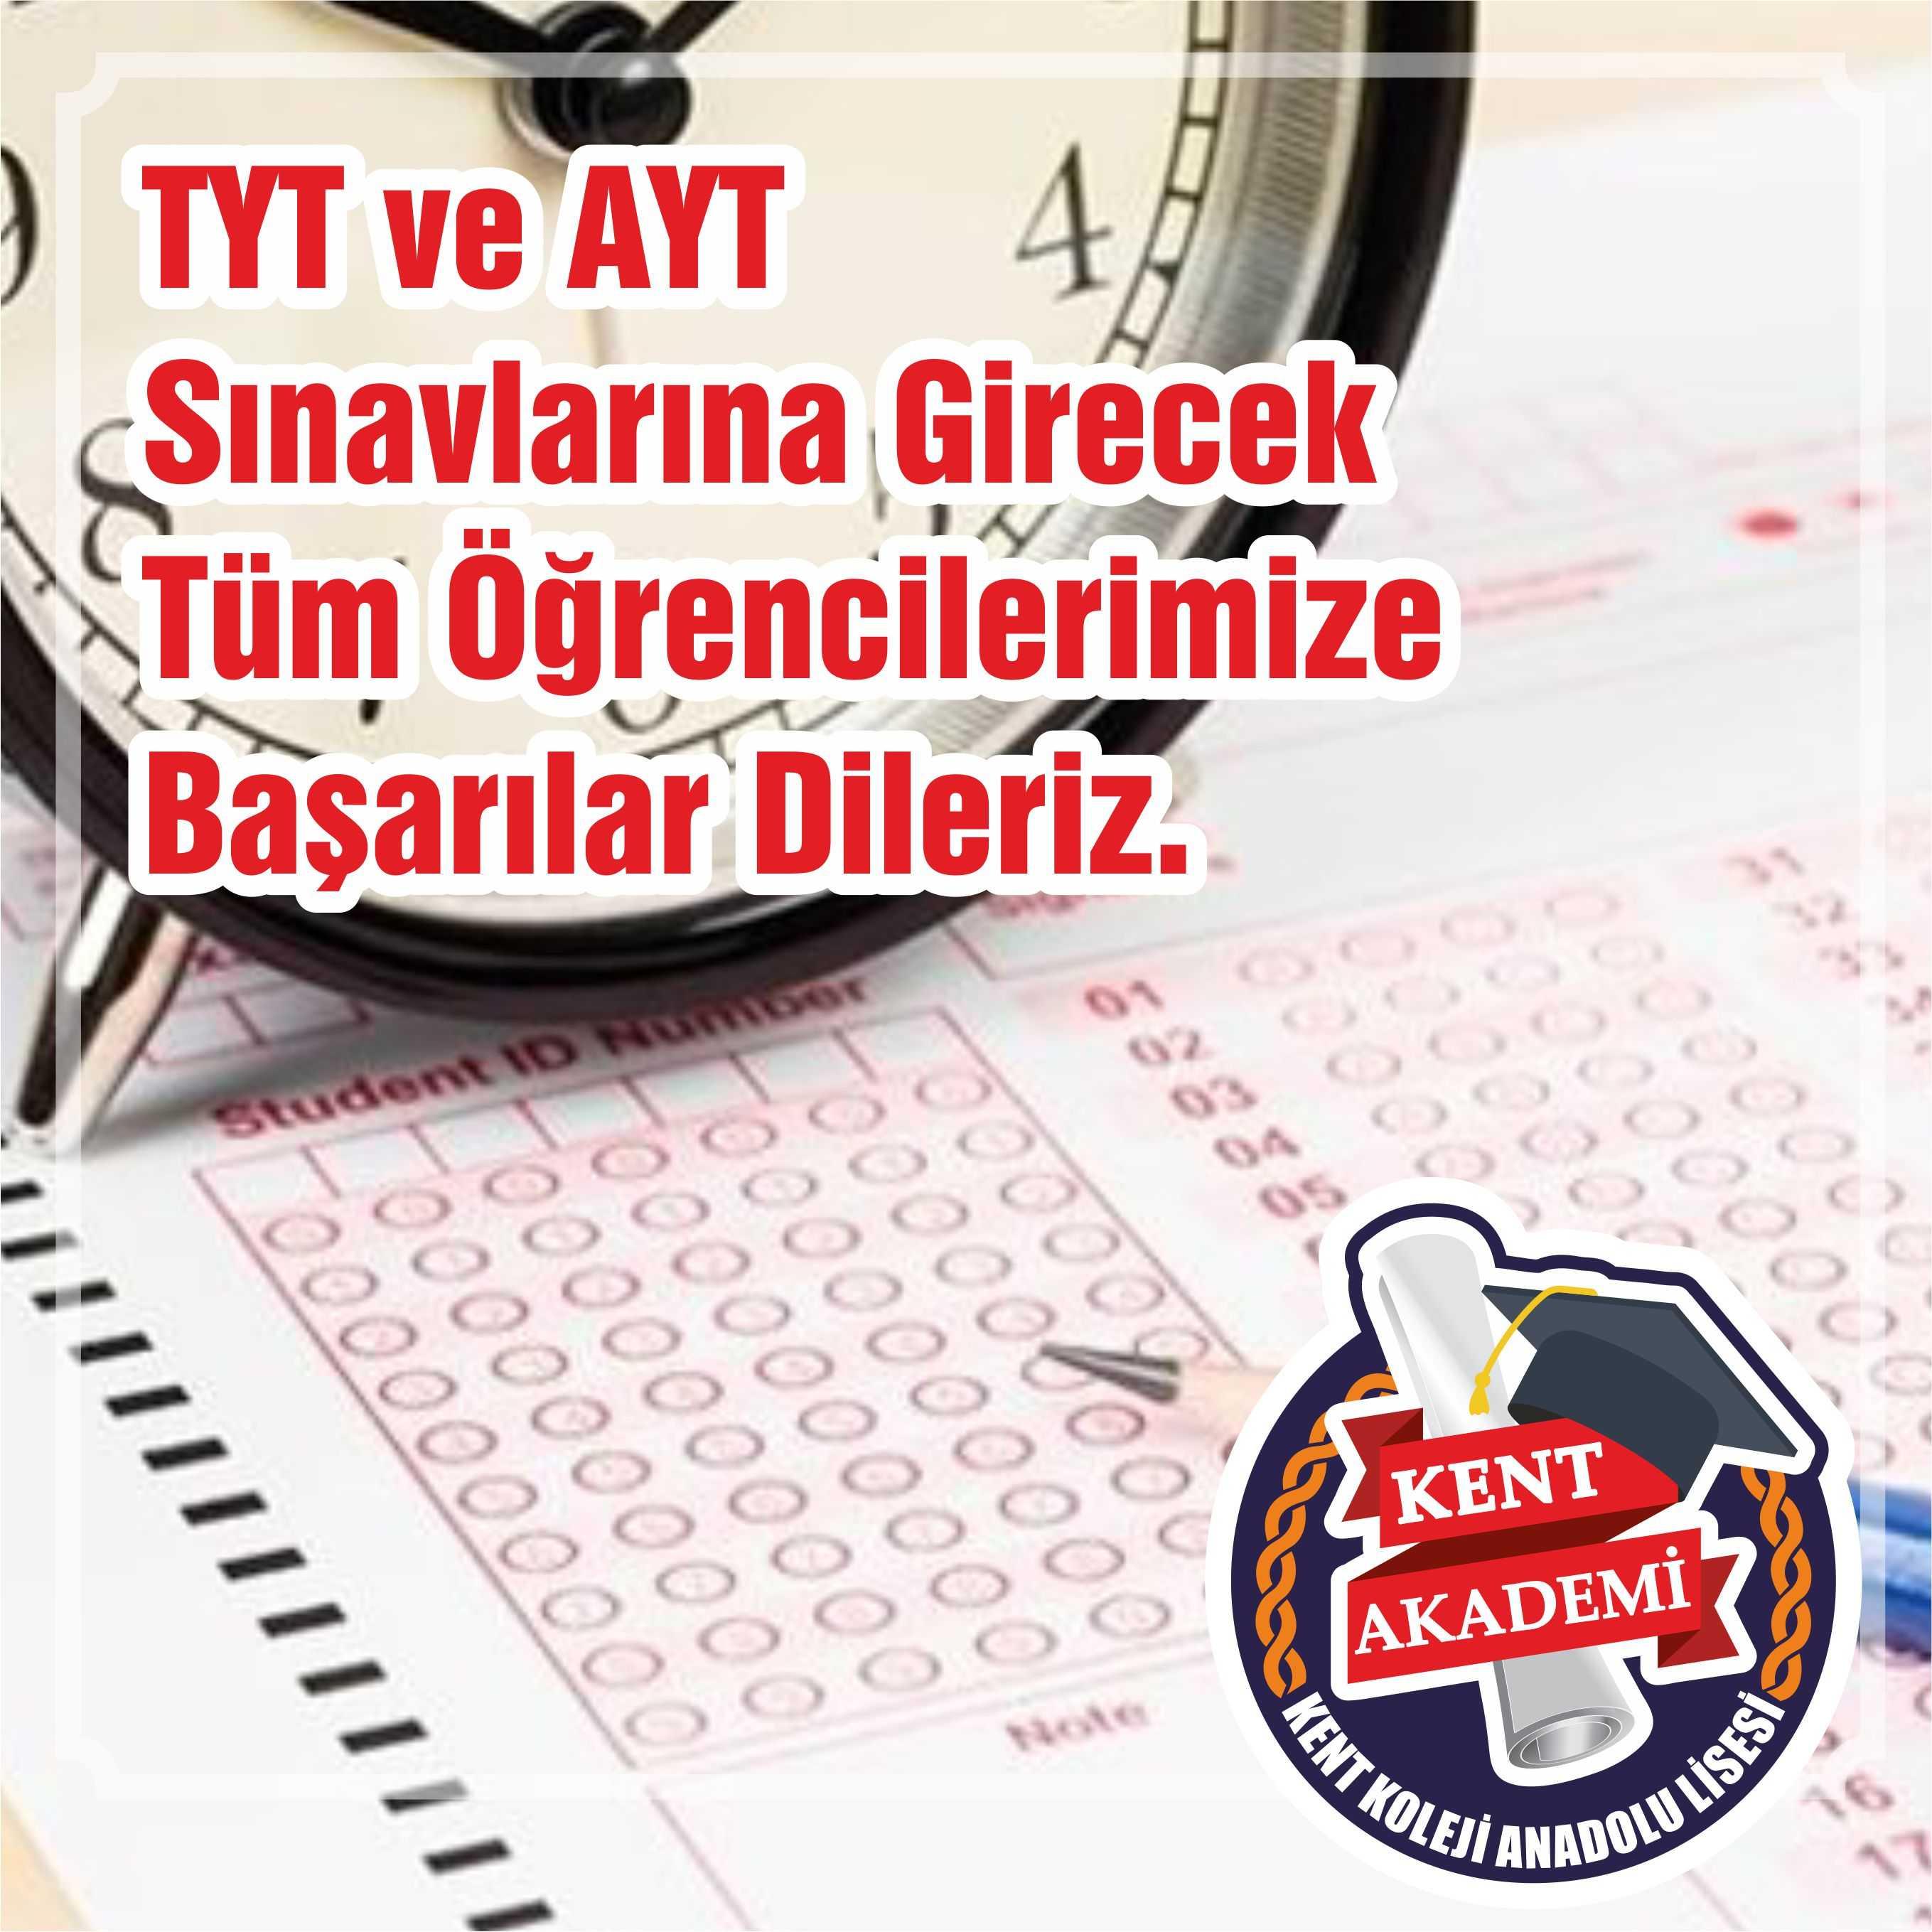 TYT ve AYT Sınavlarına Girecek Tüm Öğrencilerimize  Başarılar Dileriz.